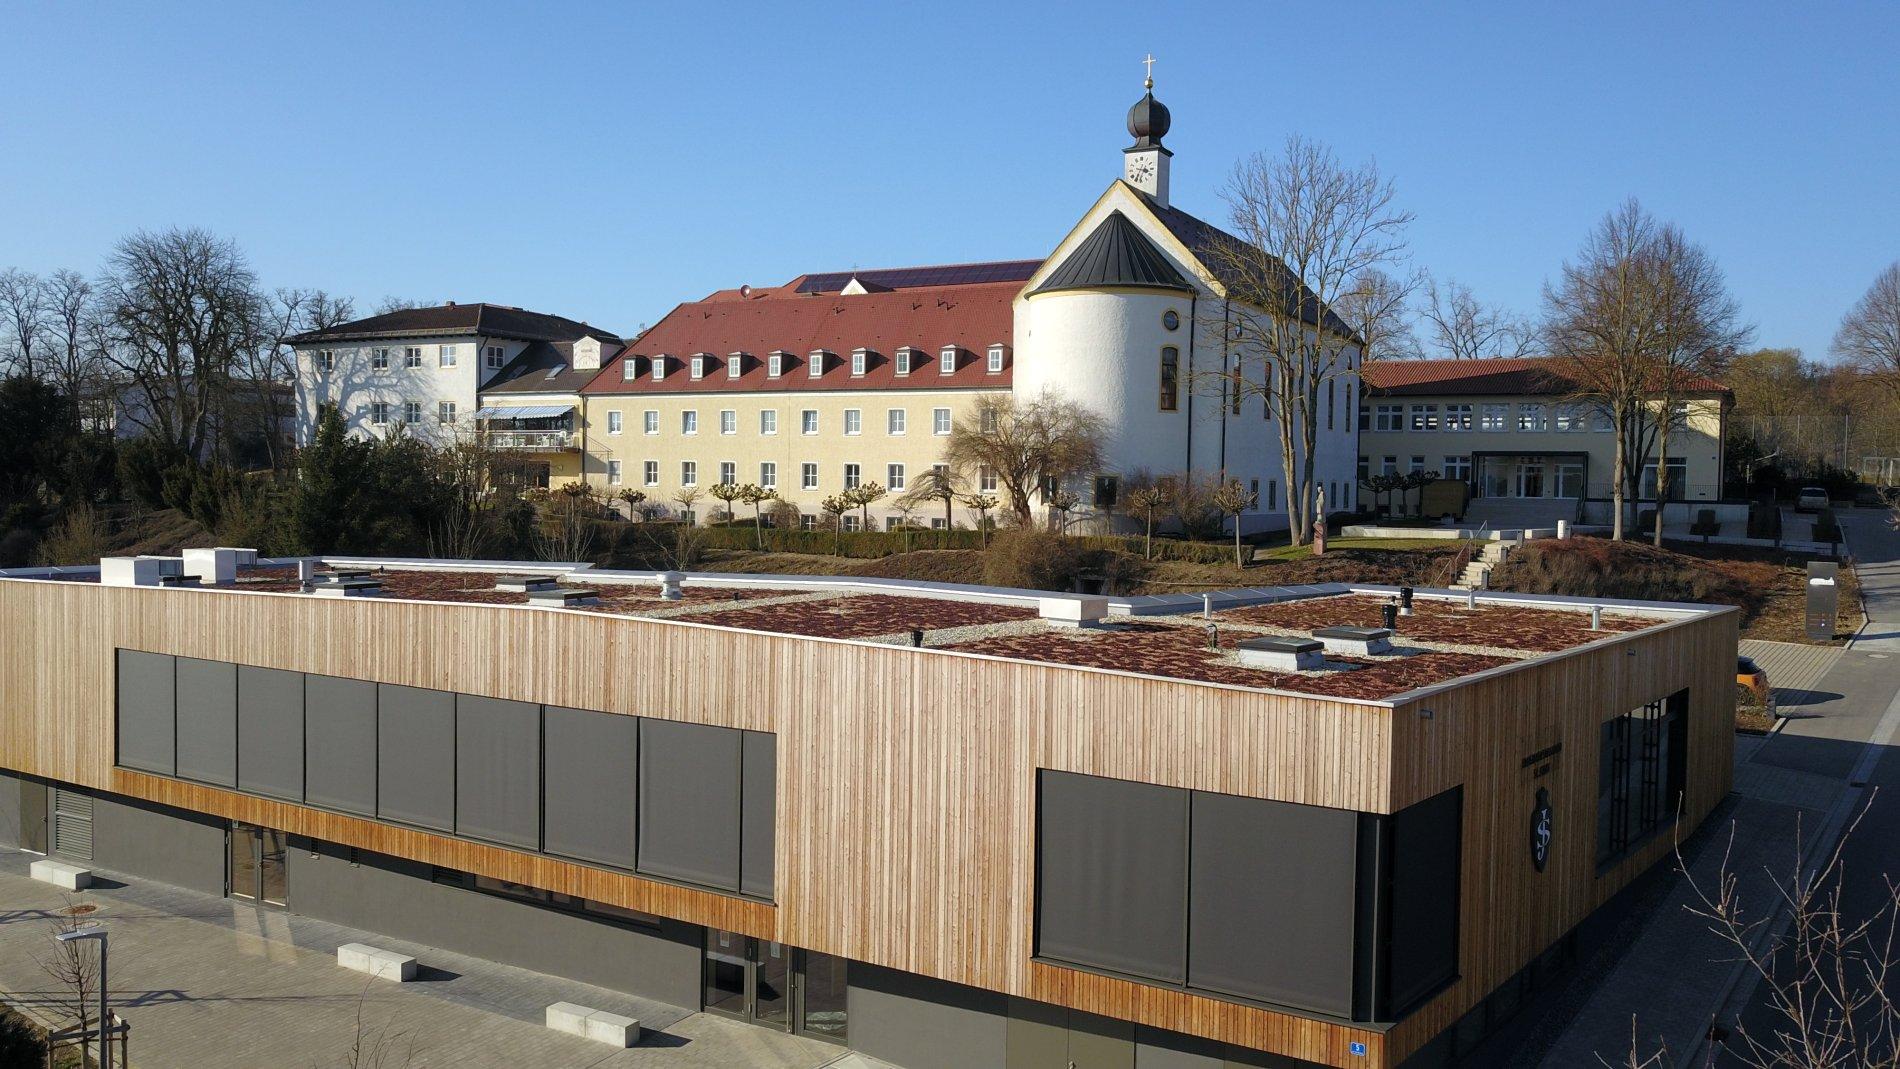 Kupferkessel in der Schaubrauerei Kloster Furth